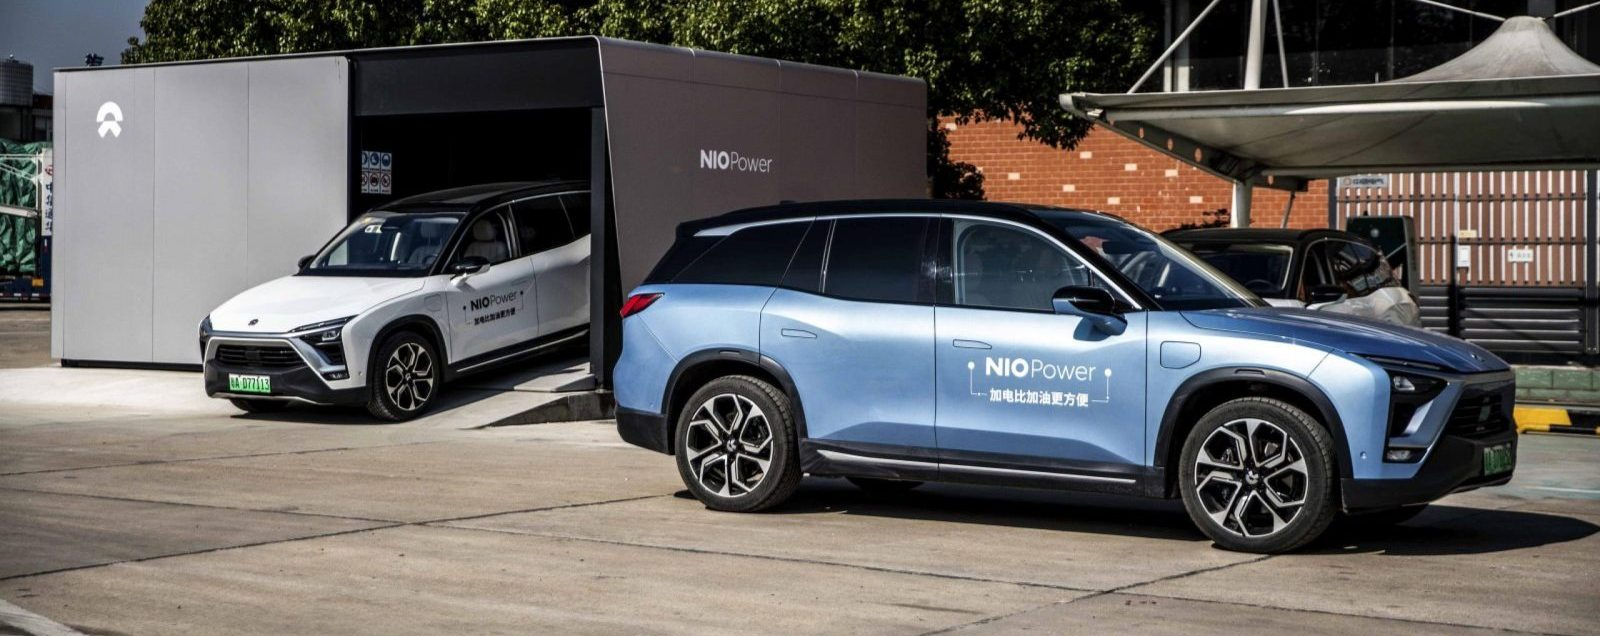 Le construction chinois NIO opère déjà 80 points d'échange permettant aux véhicules de la marque de repartir en 3 minutes avec une nouvelle batterie d'une autonomie de 350 kilomètres, avec pour ambition d'atteindre 1 100 stations d'ici à 2022. (Source : Electrek)